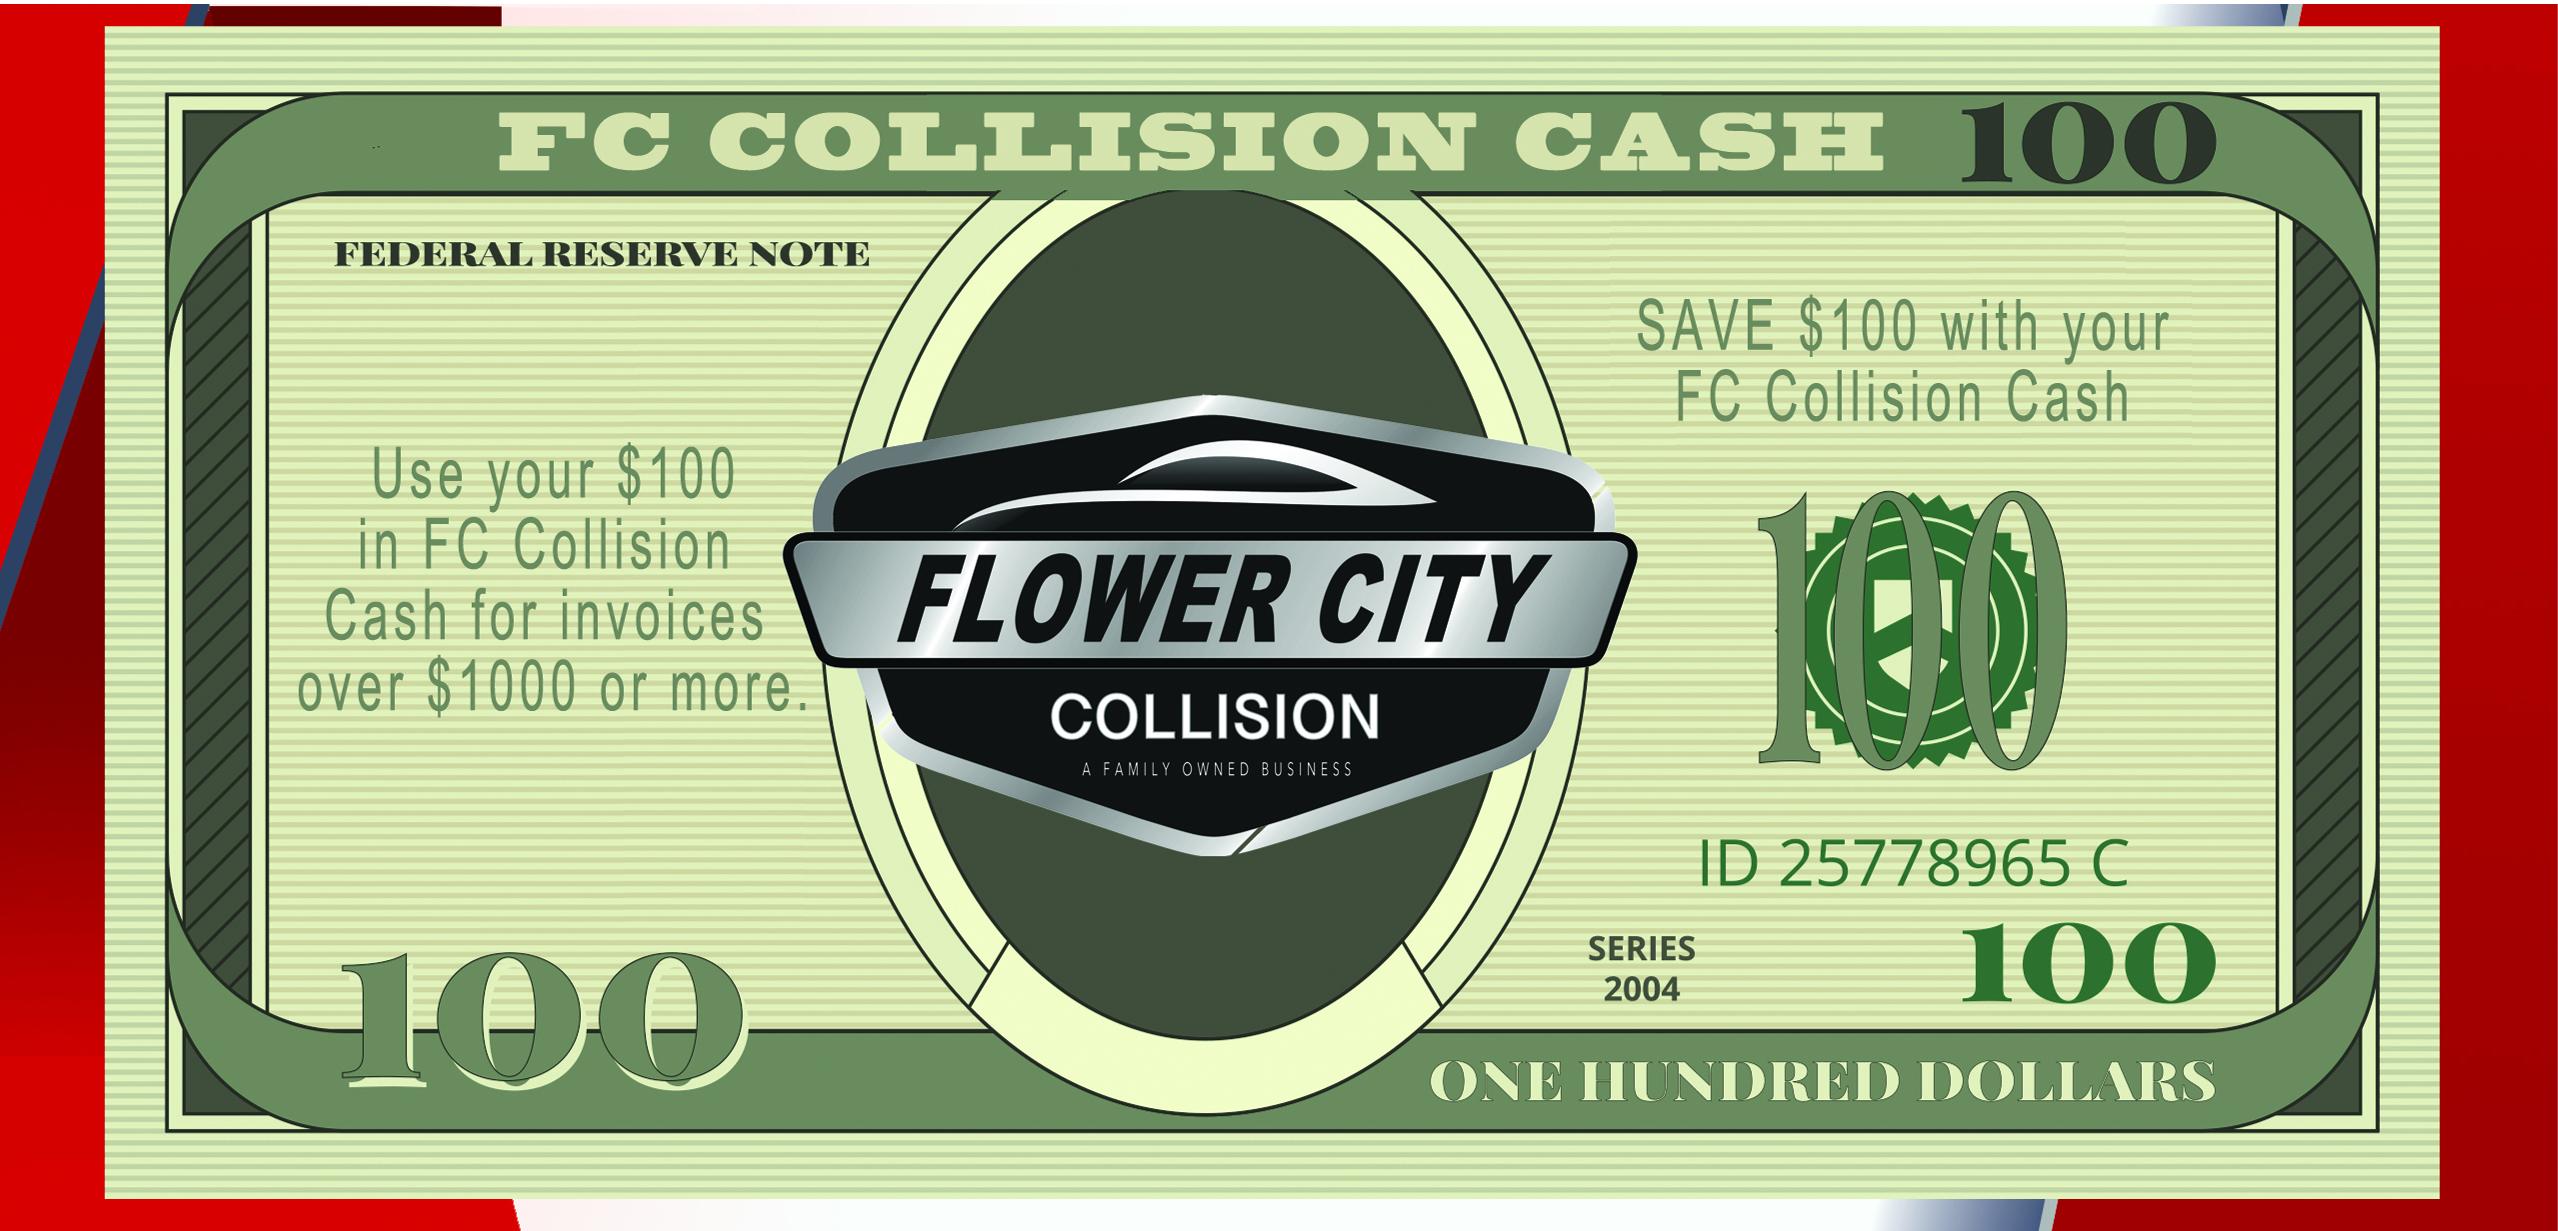 flower city collision cash